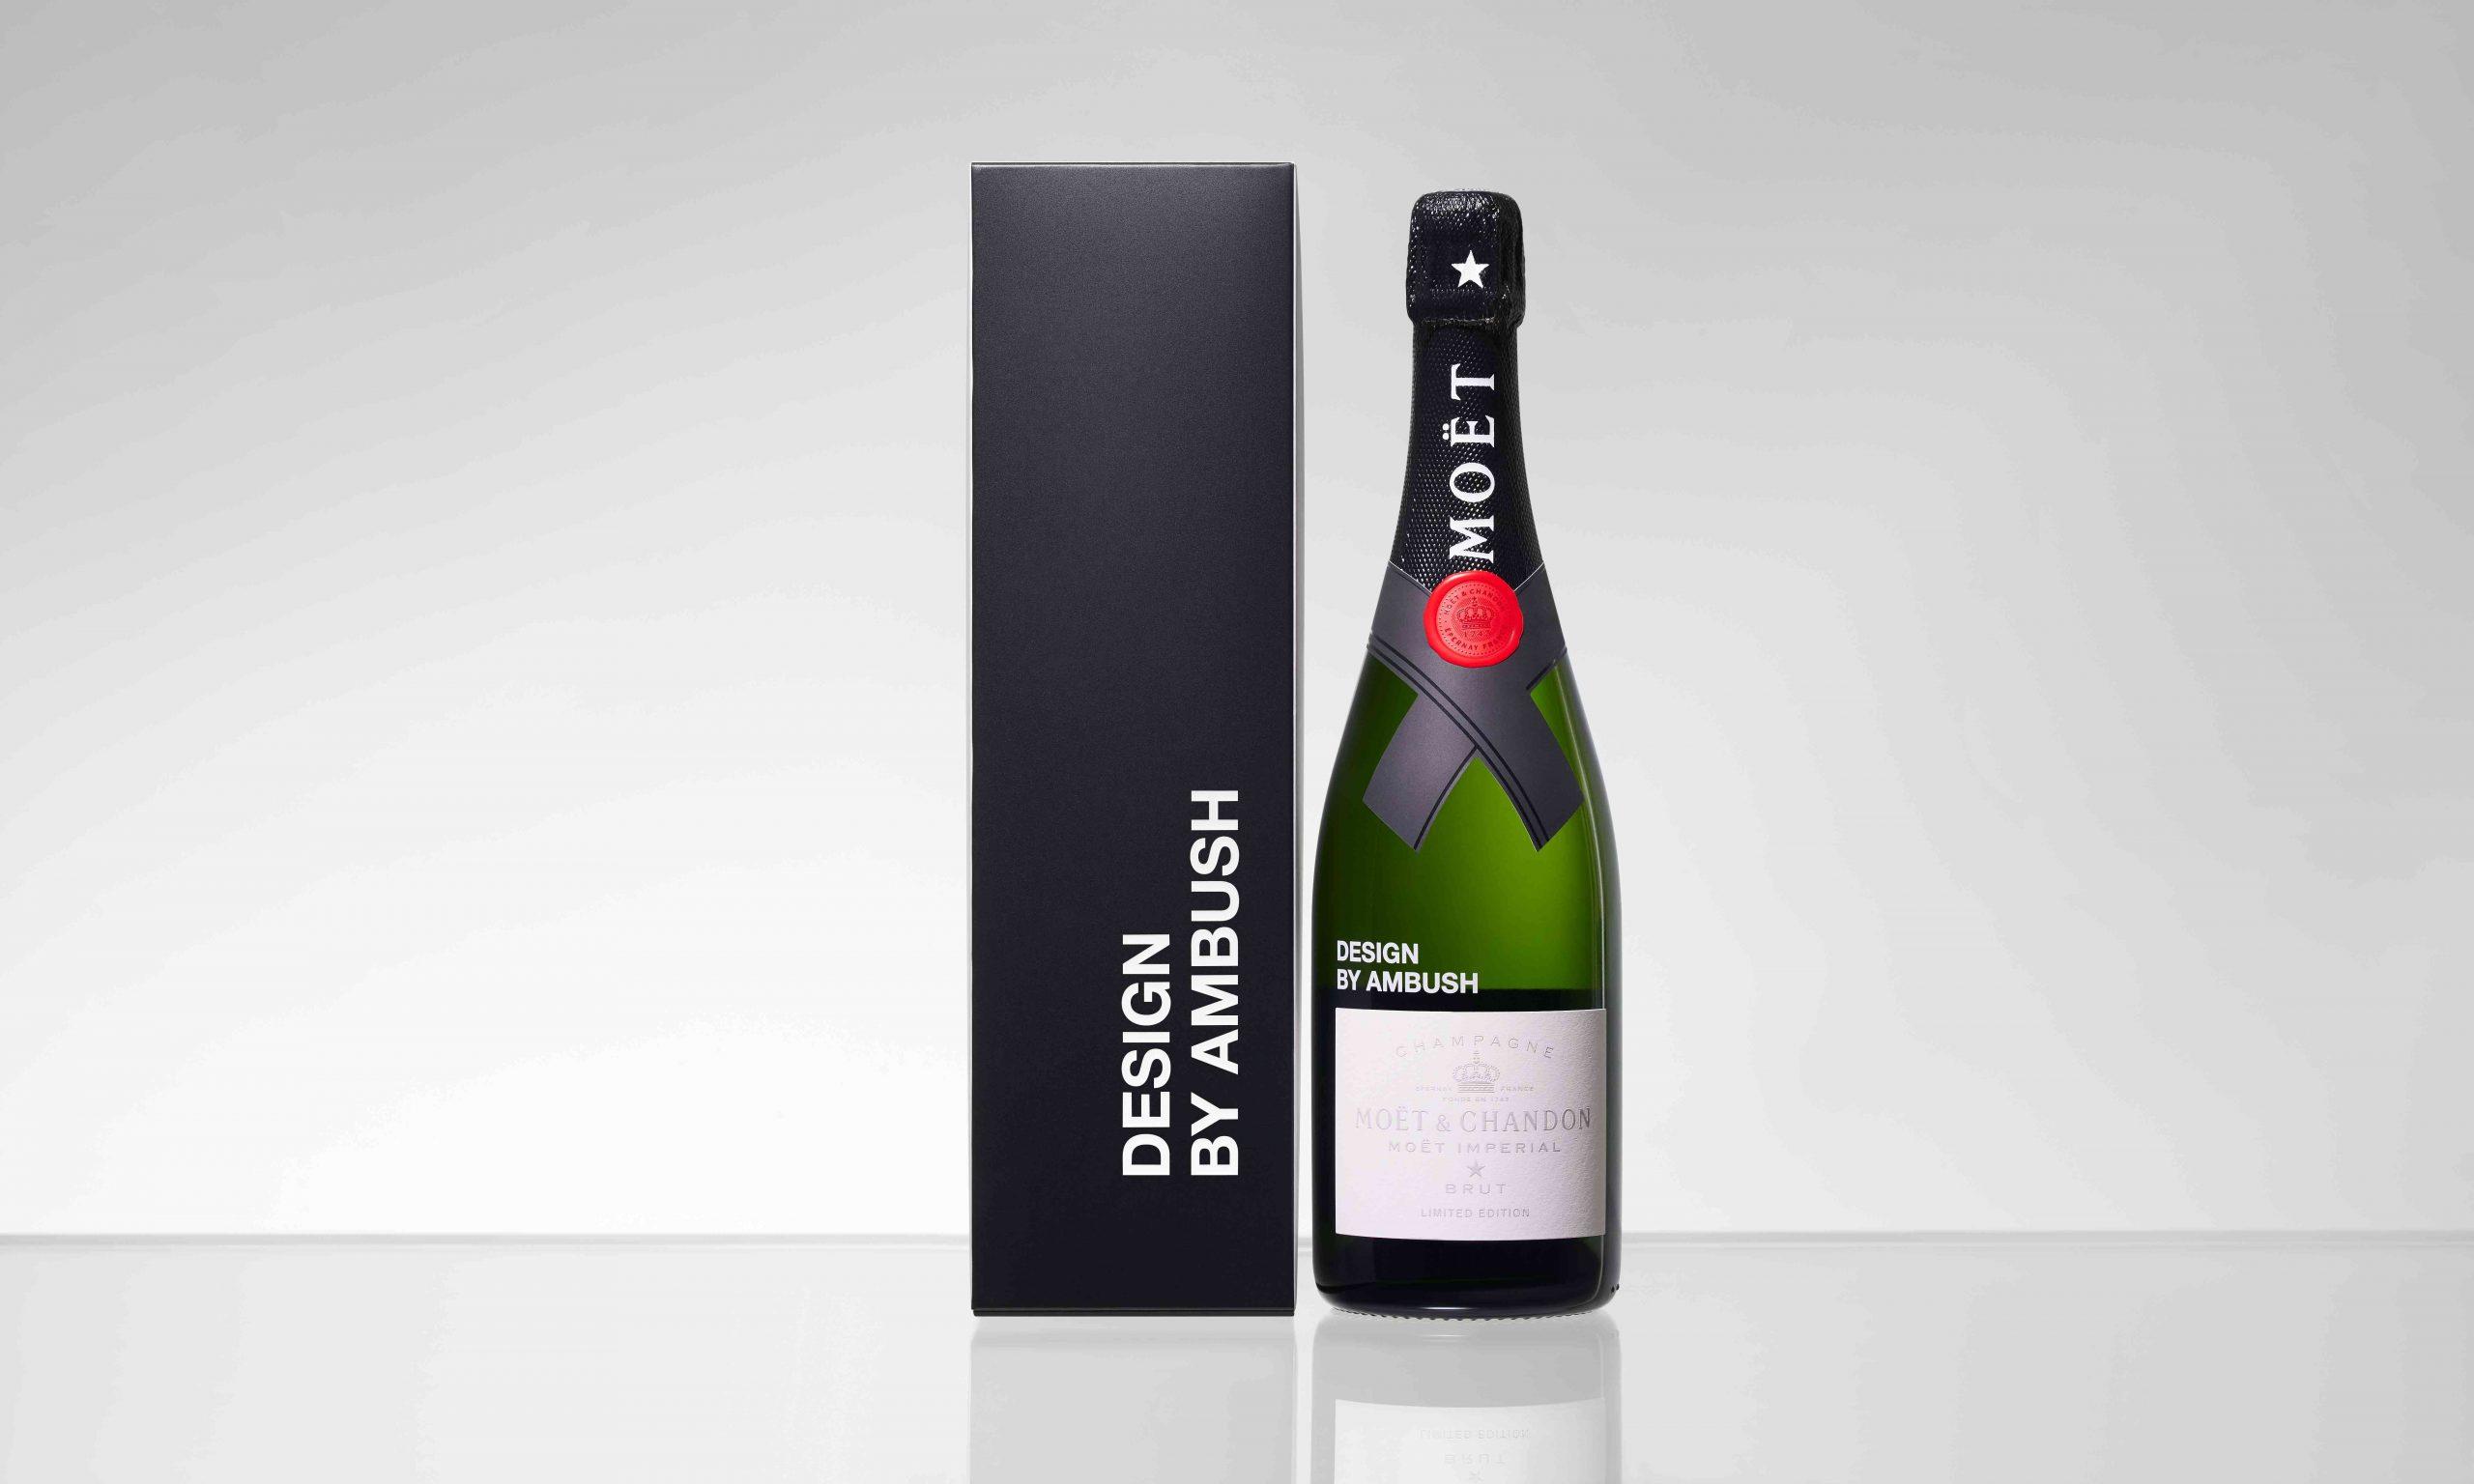 酩悦香槟首款全球联名之作 MOËT & CHANDON x AMBUSH 联名限量版中国发售